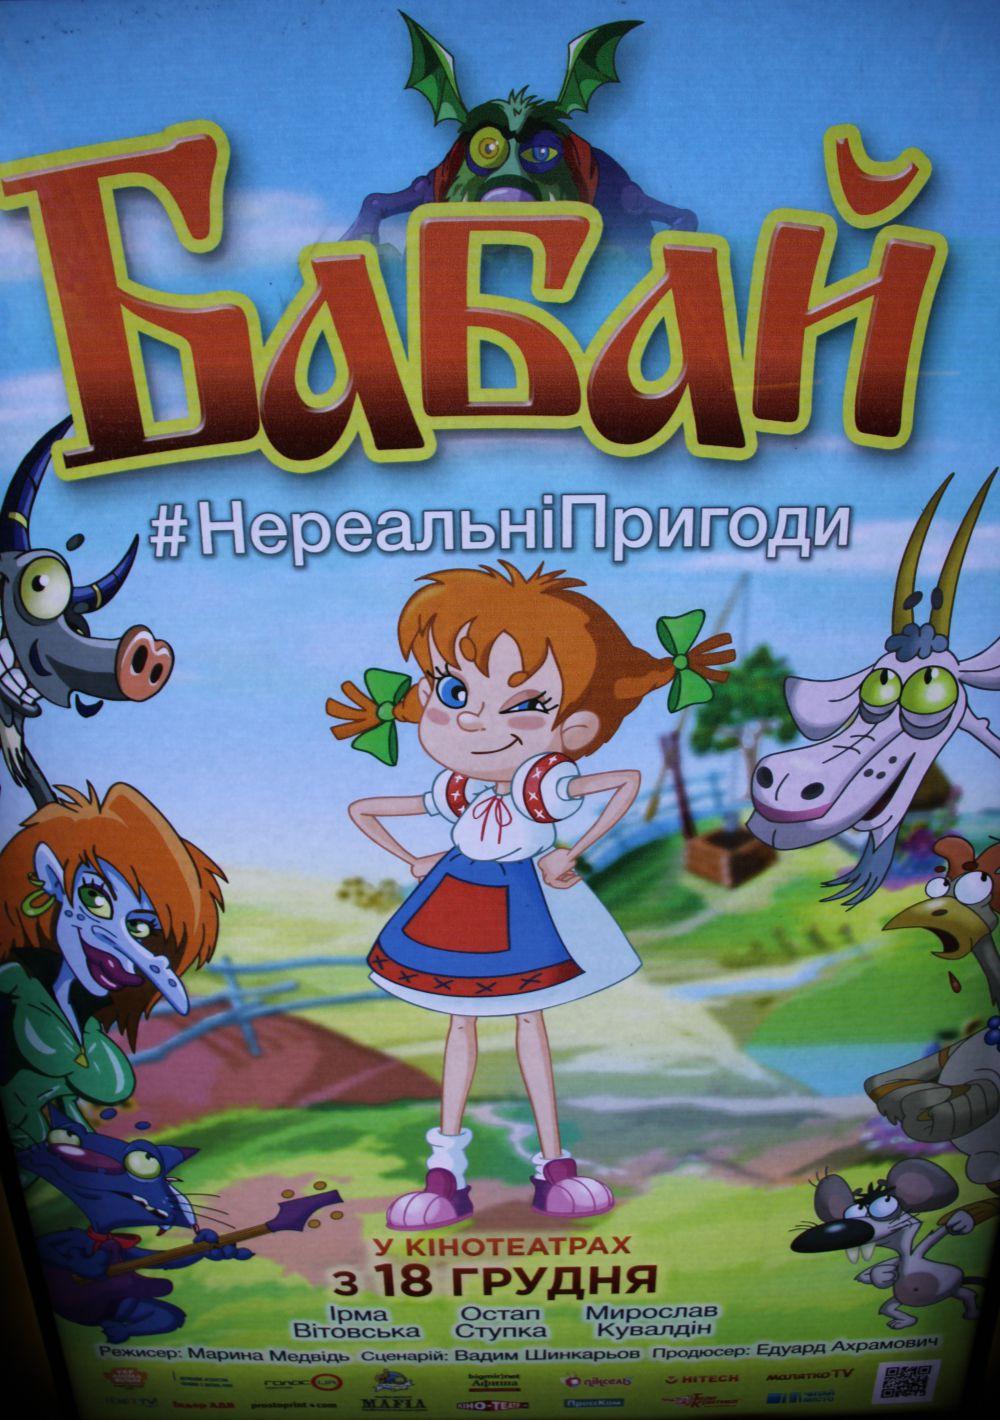 Мультфильм «Бабай»